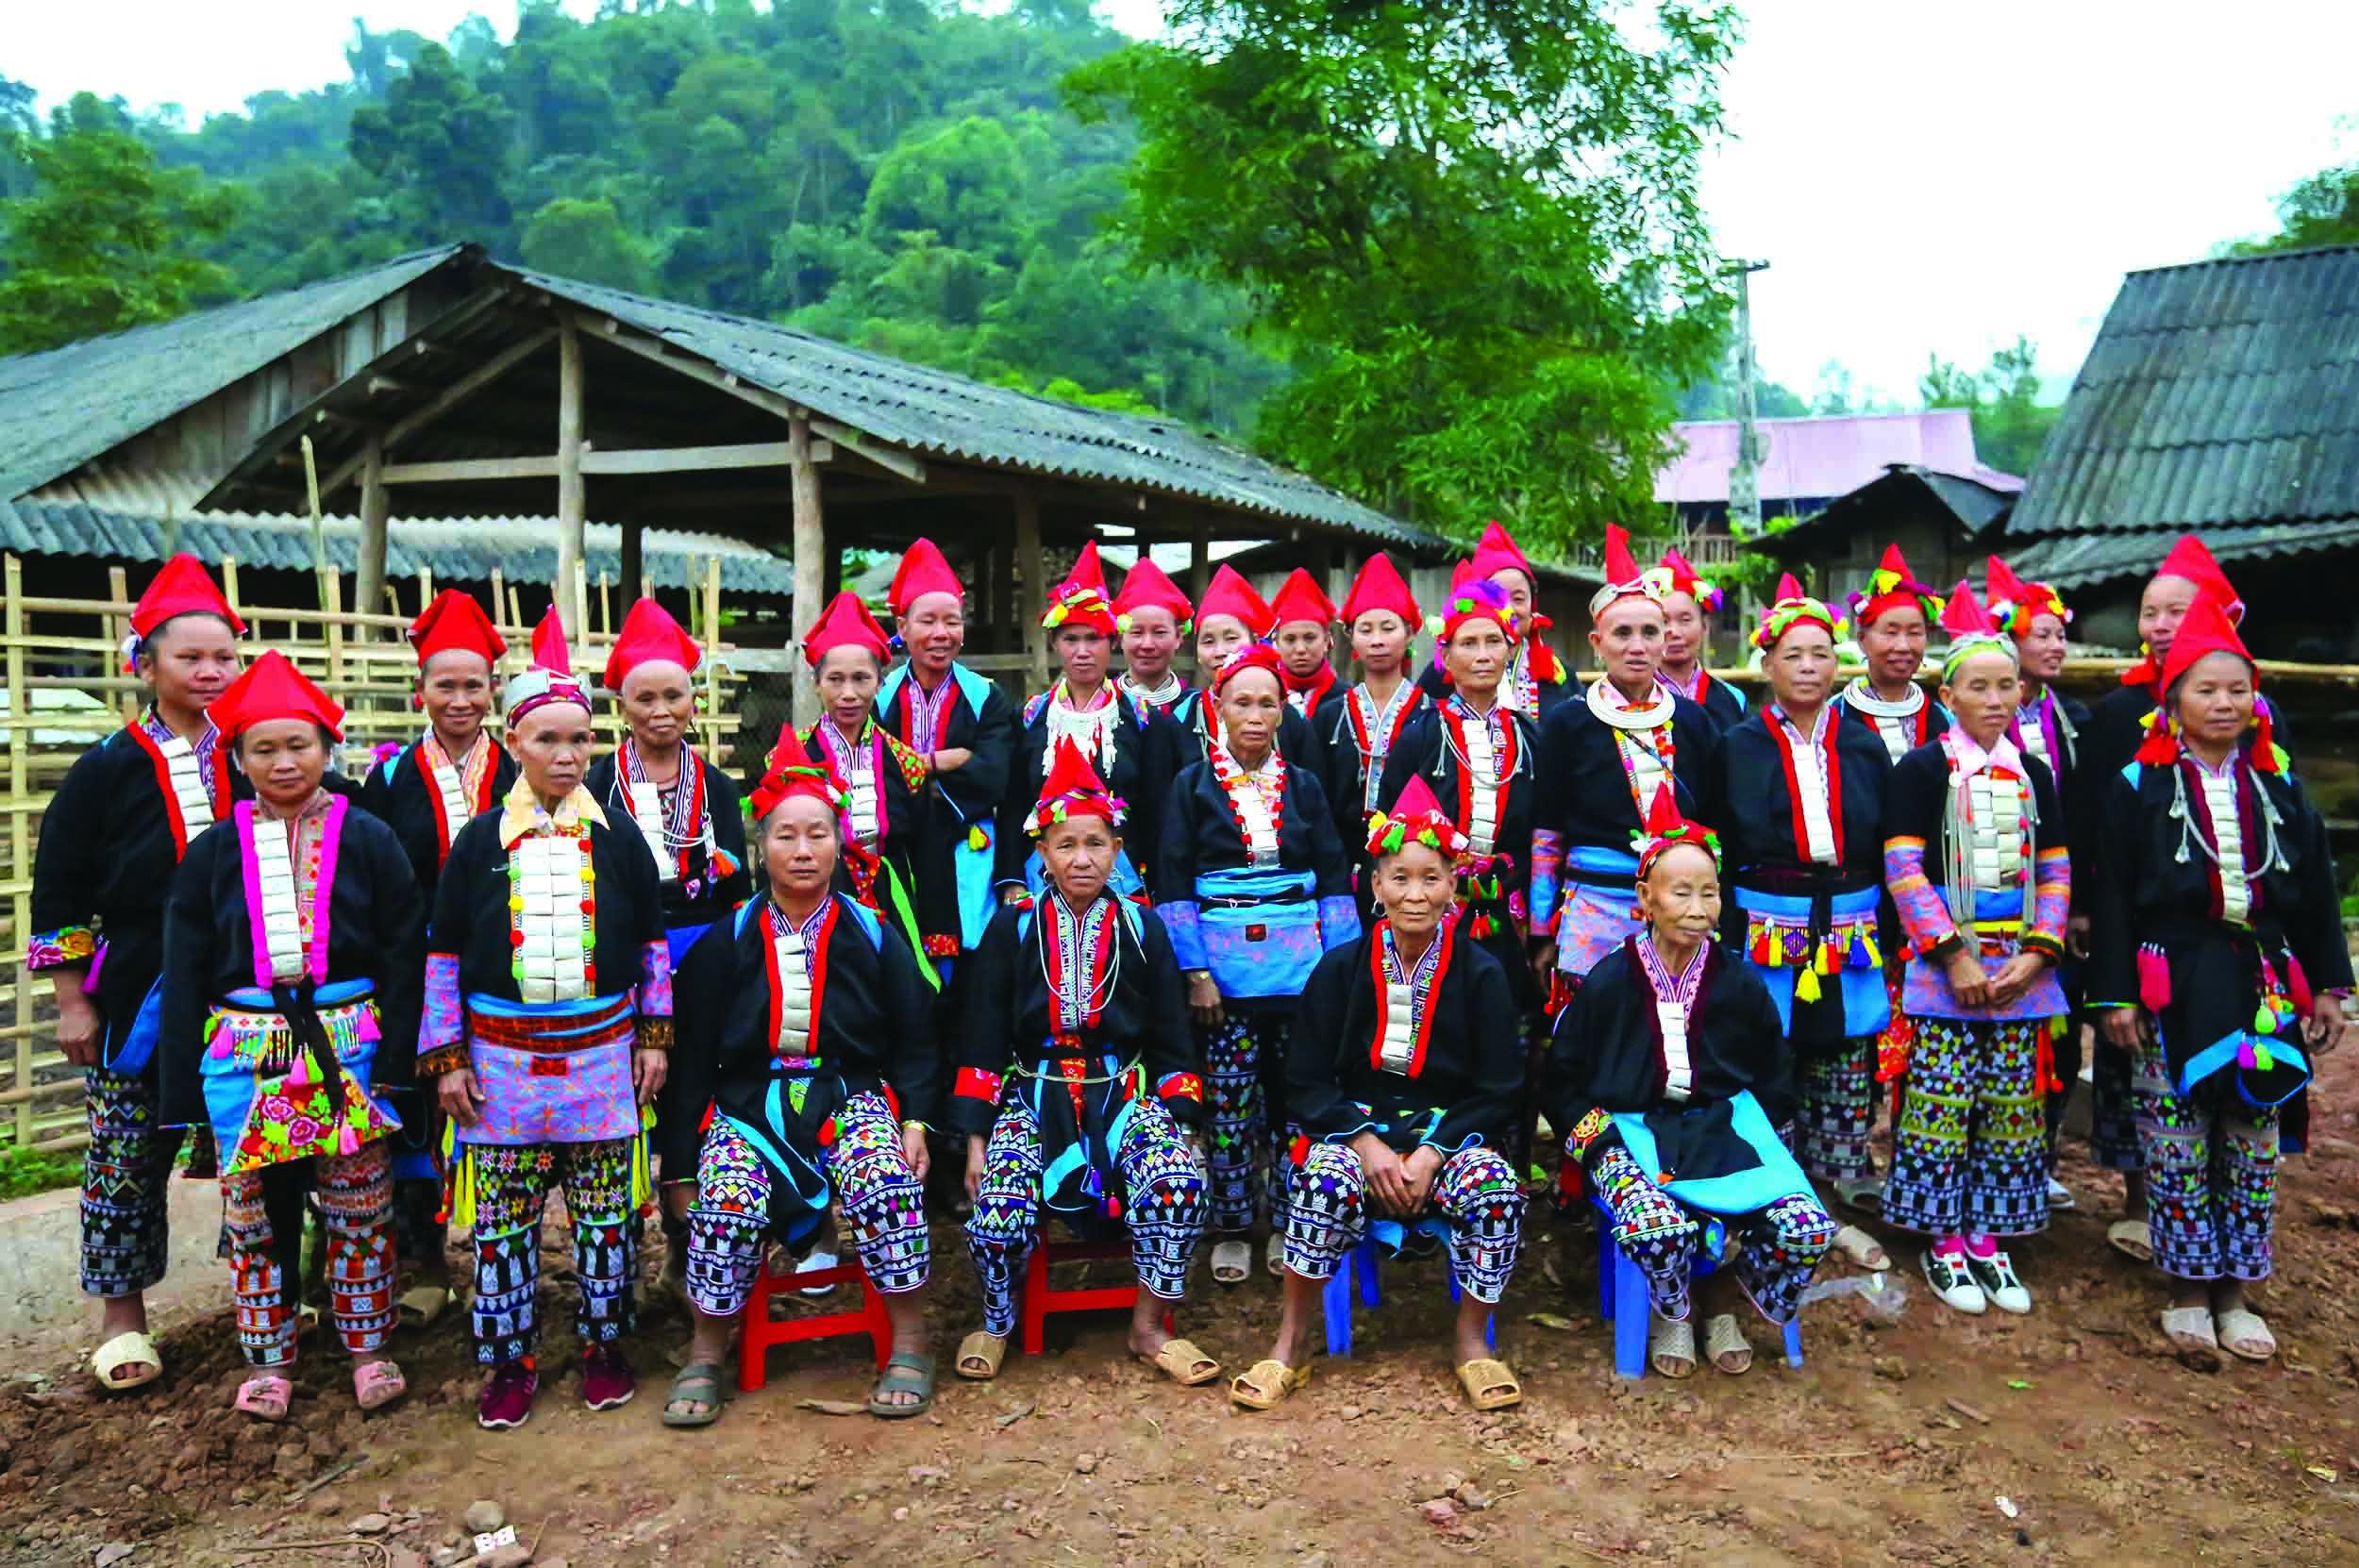 Đồng bào Dao đỏ tại Điện Biên vẫn bảo tồn được những giá trị văn hóa truyền thống của dân tộc mình, nhất là trang phục, nghi lễ.